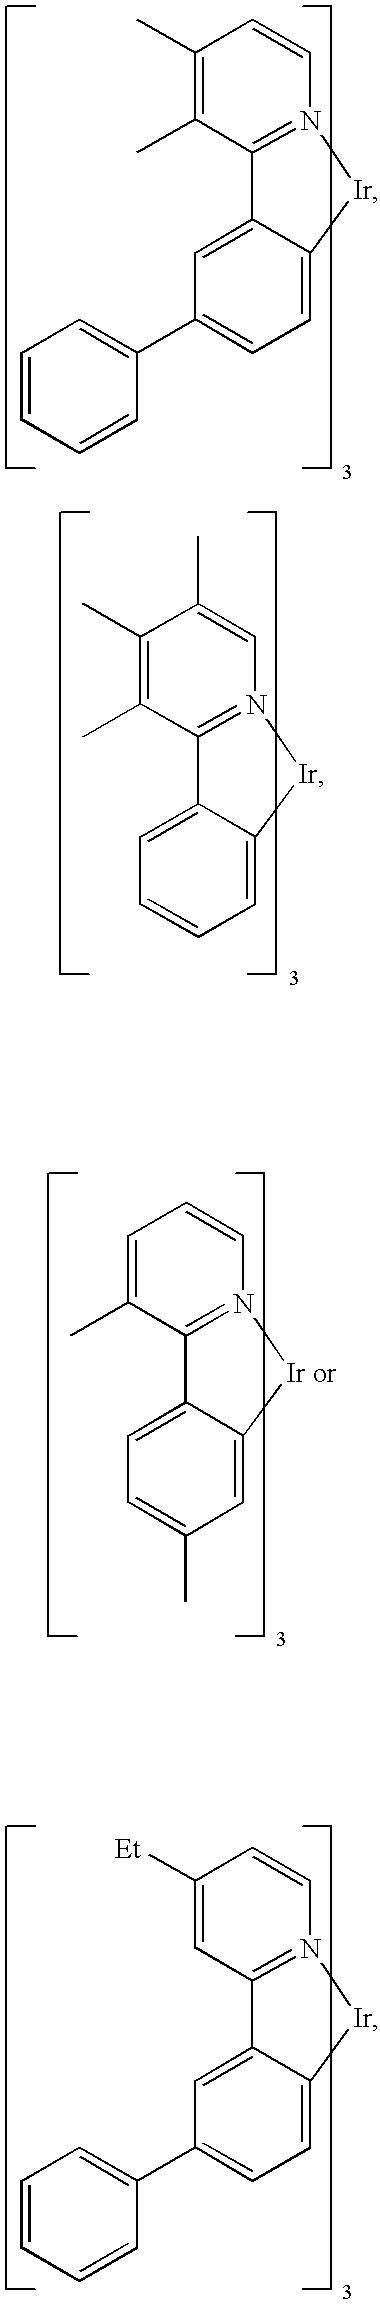 Figure US20070003789A1-20070104-C00124